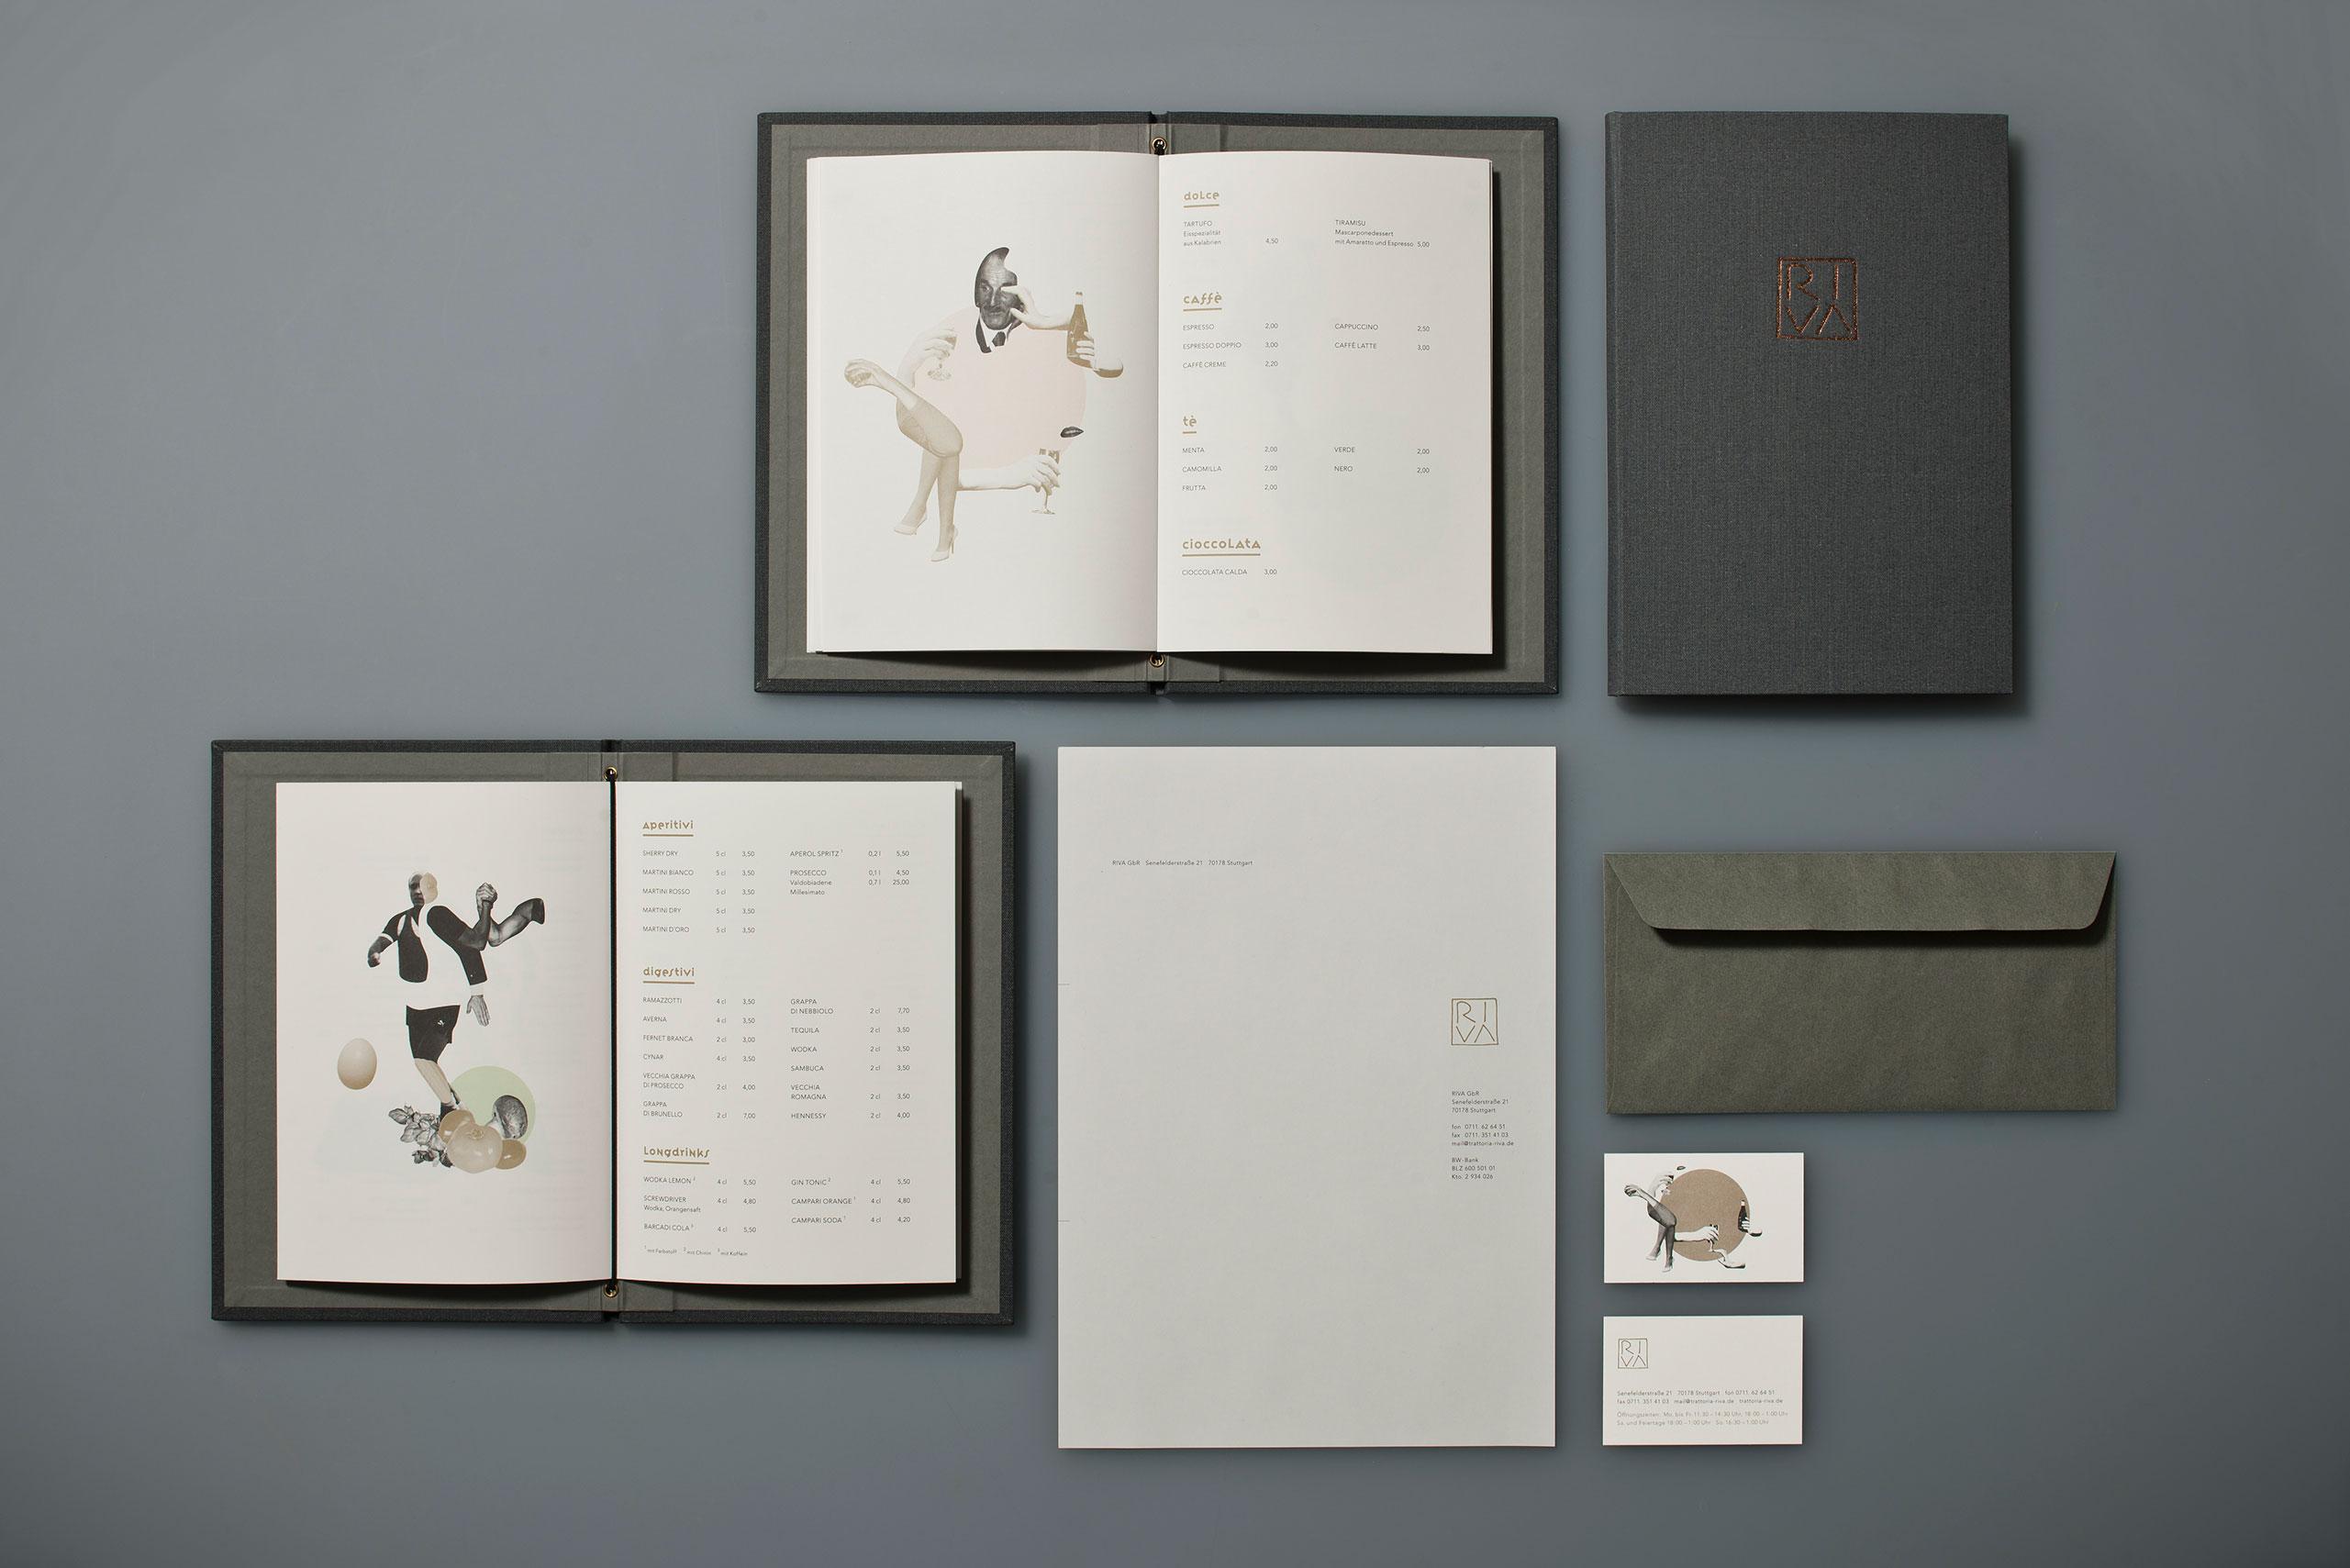 Speisekarten, Briefbogen, Visitenkarte, Restaurant, Corprate Design